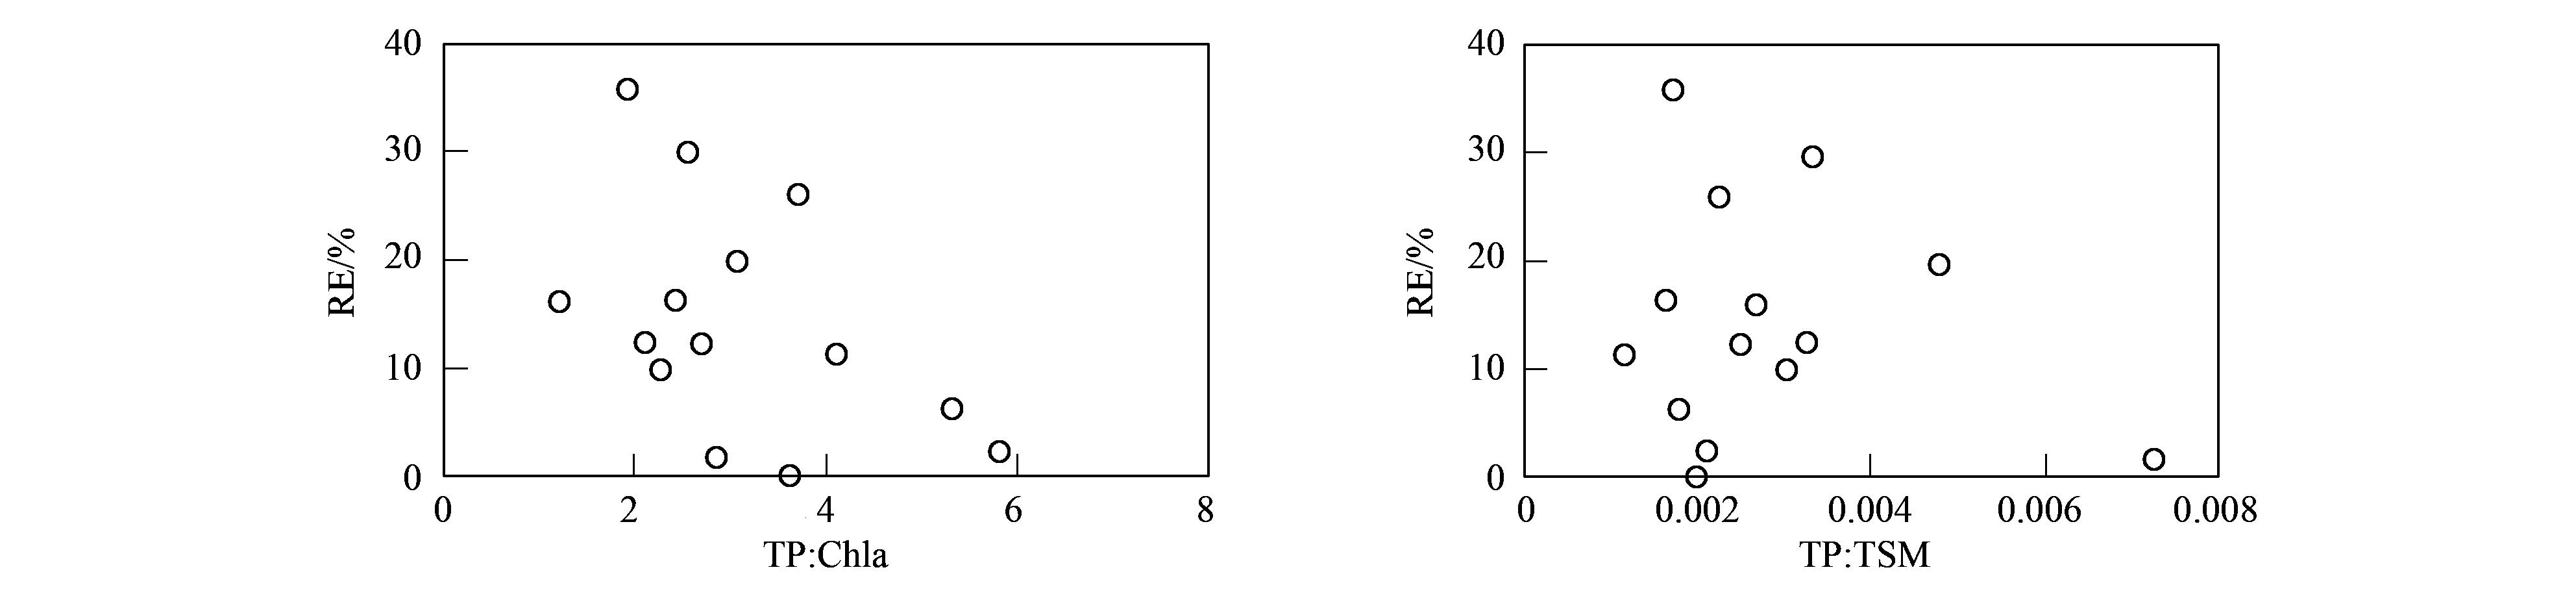 1.4 研究方法 通过对GOCI各波段遥感反射率与实测总磷数据进行相关性分析,找出相关性高的波段,同时选取GOCI各波段反射率值进行多种模式组合,讨论每个组合与总磷浓度的相关性,最后选取相关性高的波段及波段组合建立一元及多元回归模型,通过模型精度对比,确定最适合的模型,并将模型应用于GOCI影像上,分析太湖总磷时空变化规律.